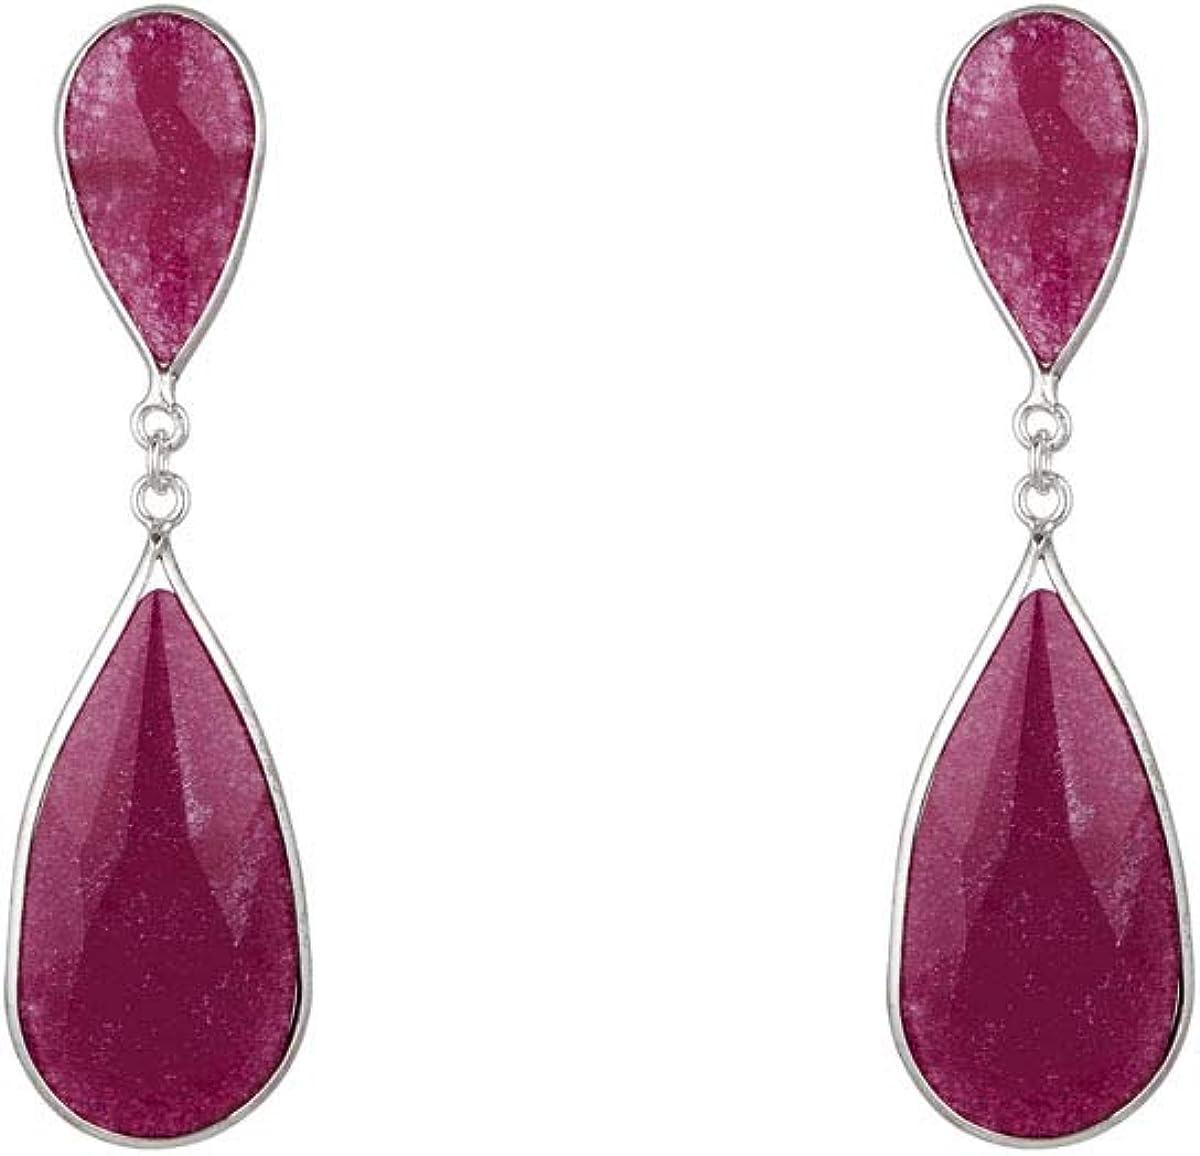 Córdoba Jewels | Pendientes en Plata de Ley 925 con piedra semipreciosa diseño Princess Ágata Frambuesa Silver